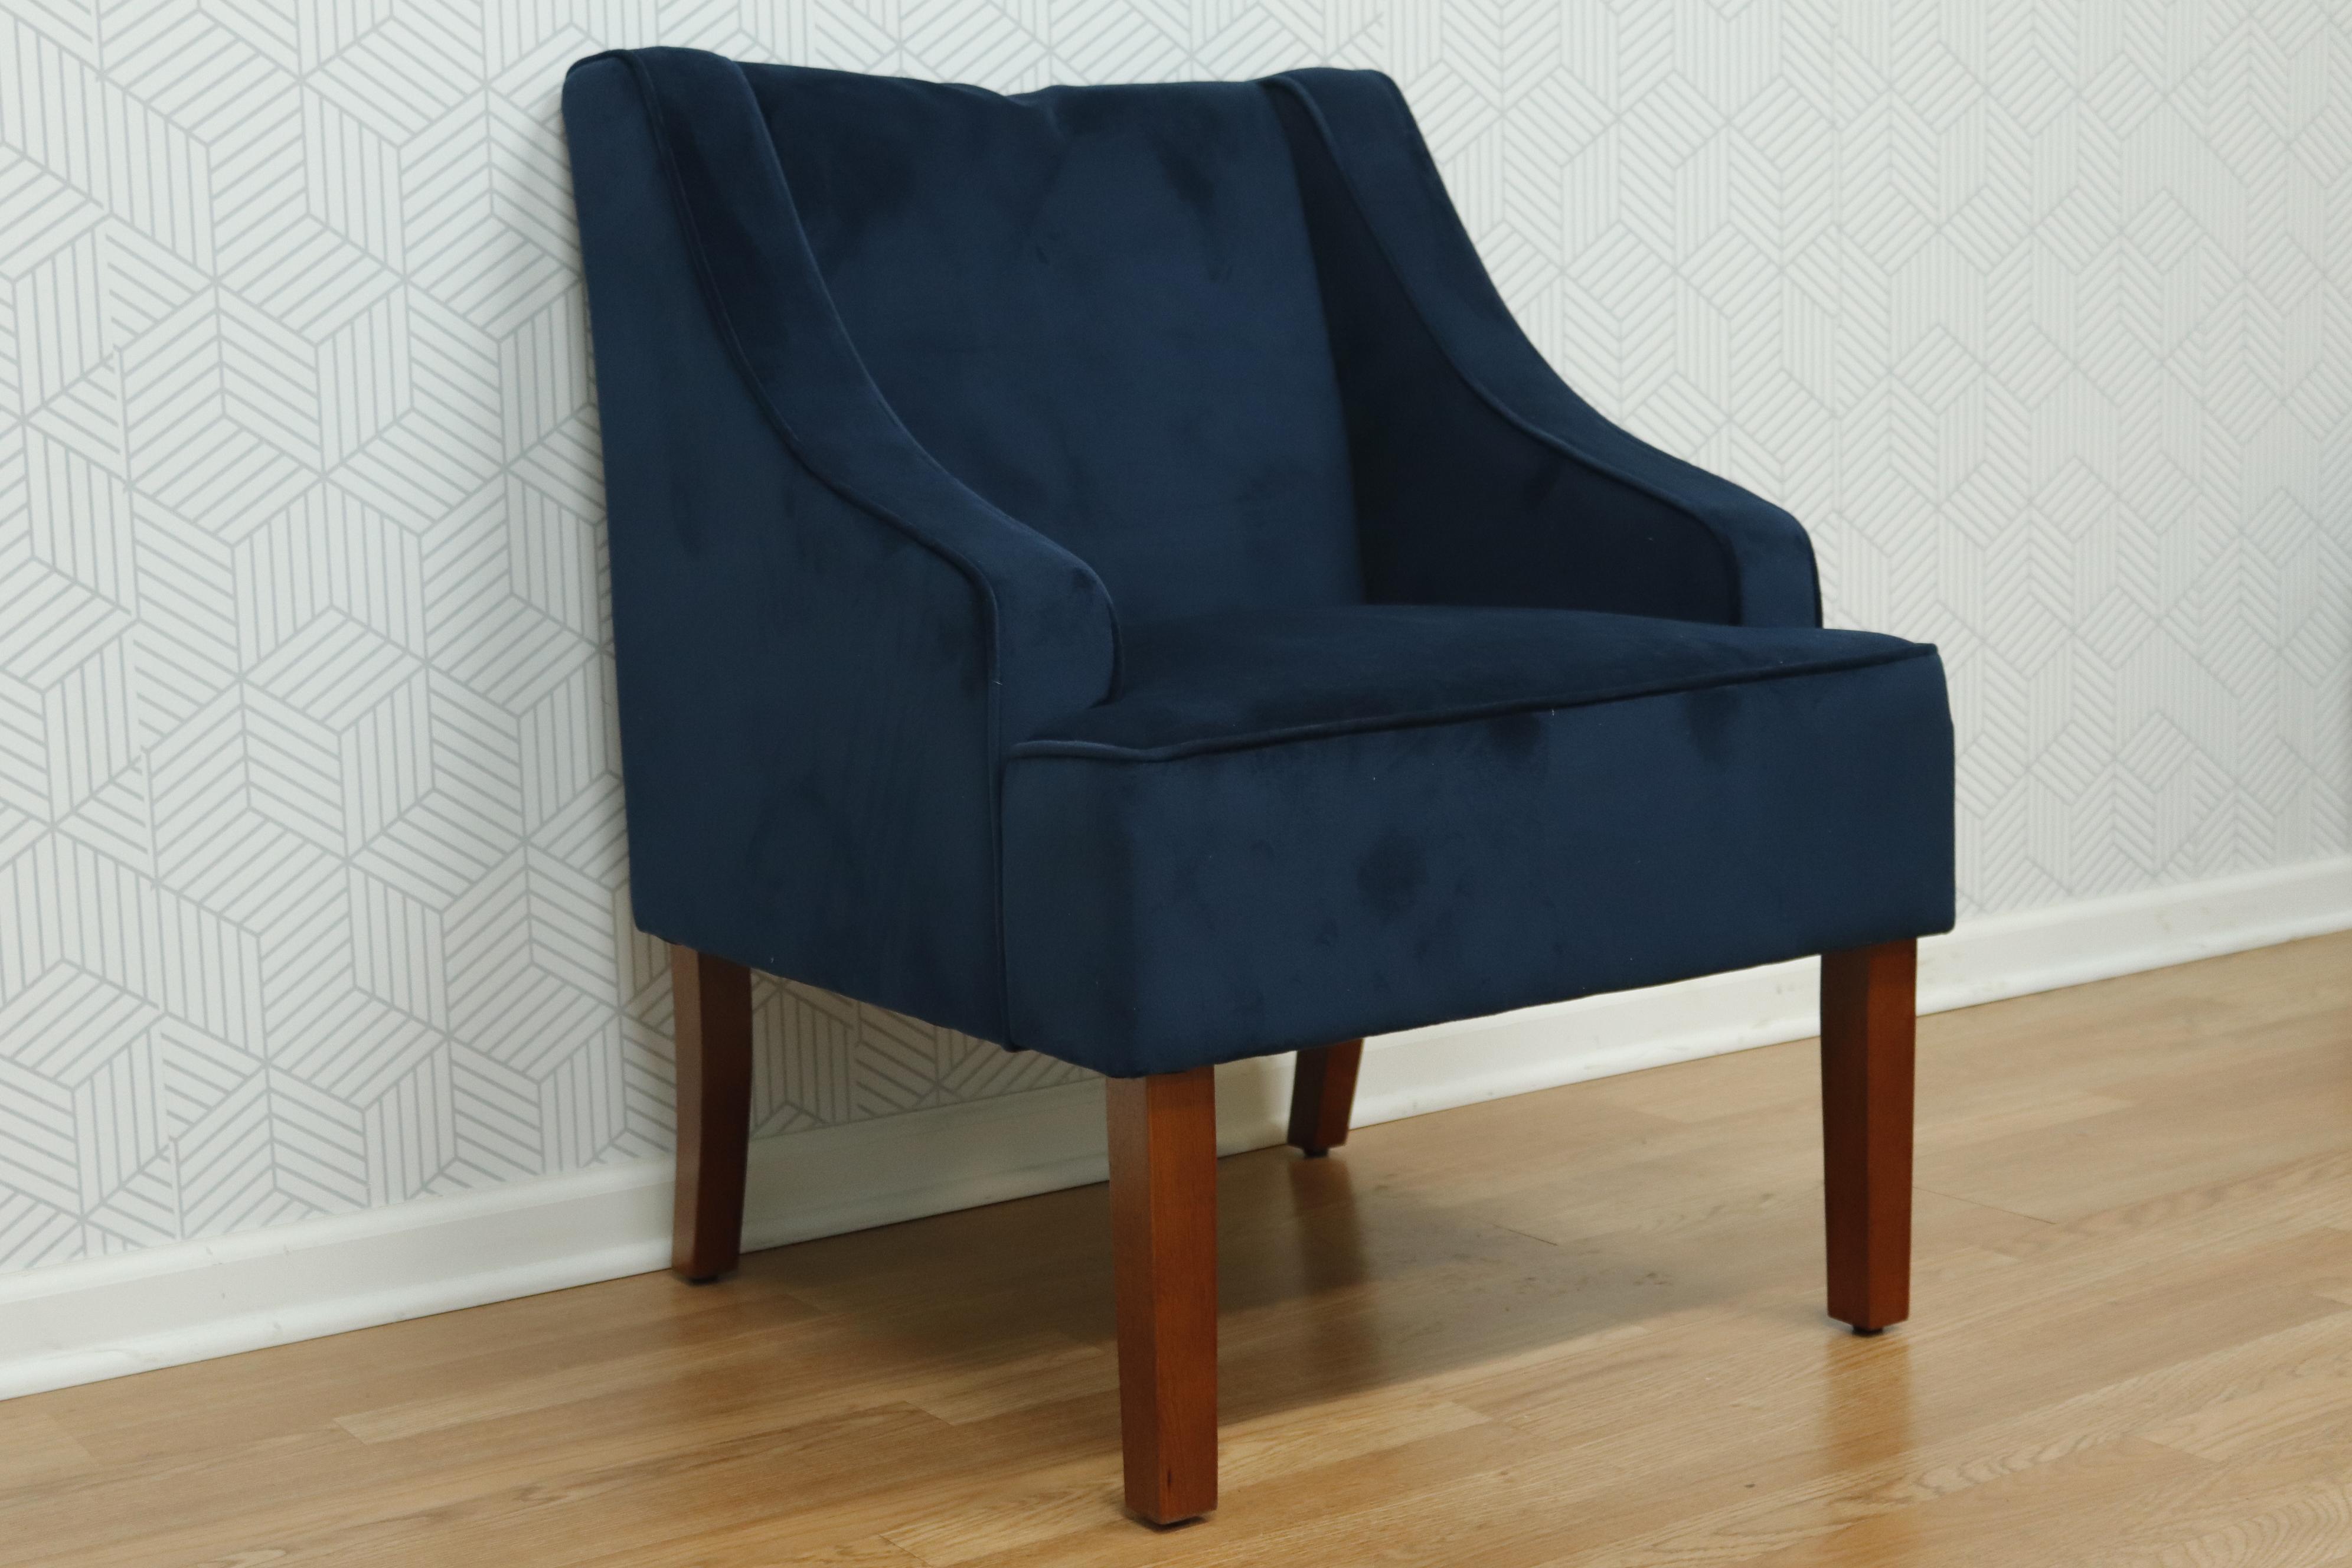 Blue Accent Chair 2.JPG